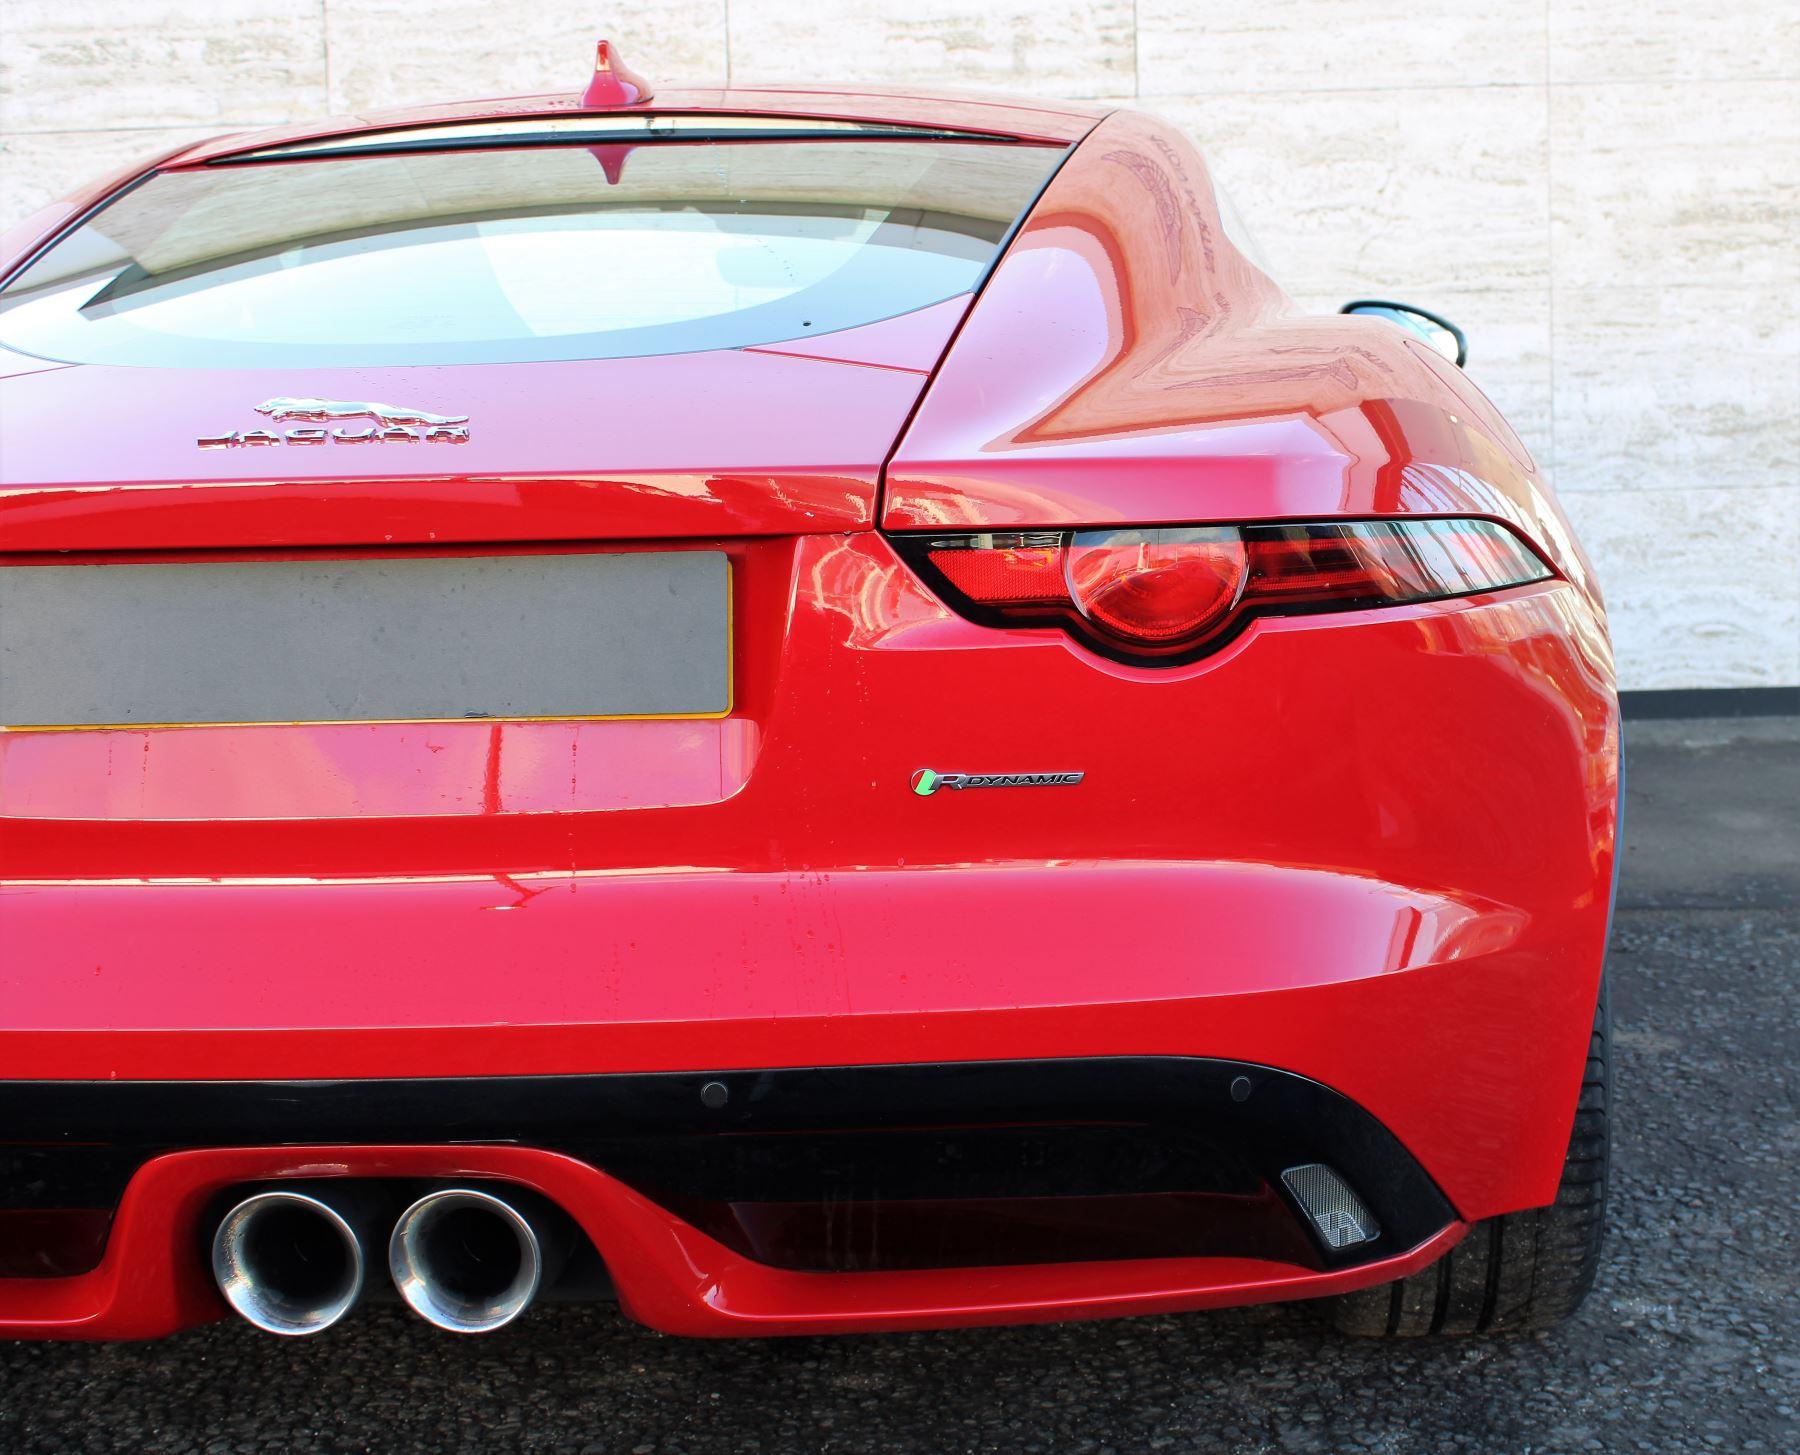 Jaguar F-TYPE 3.0 Supercharged V6 R-Dynamic 2dr image 16